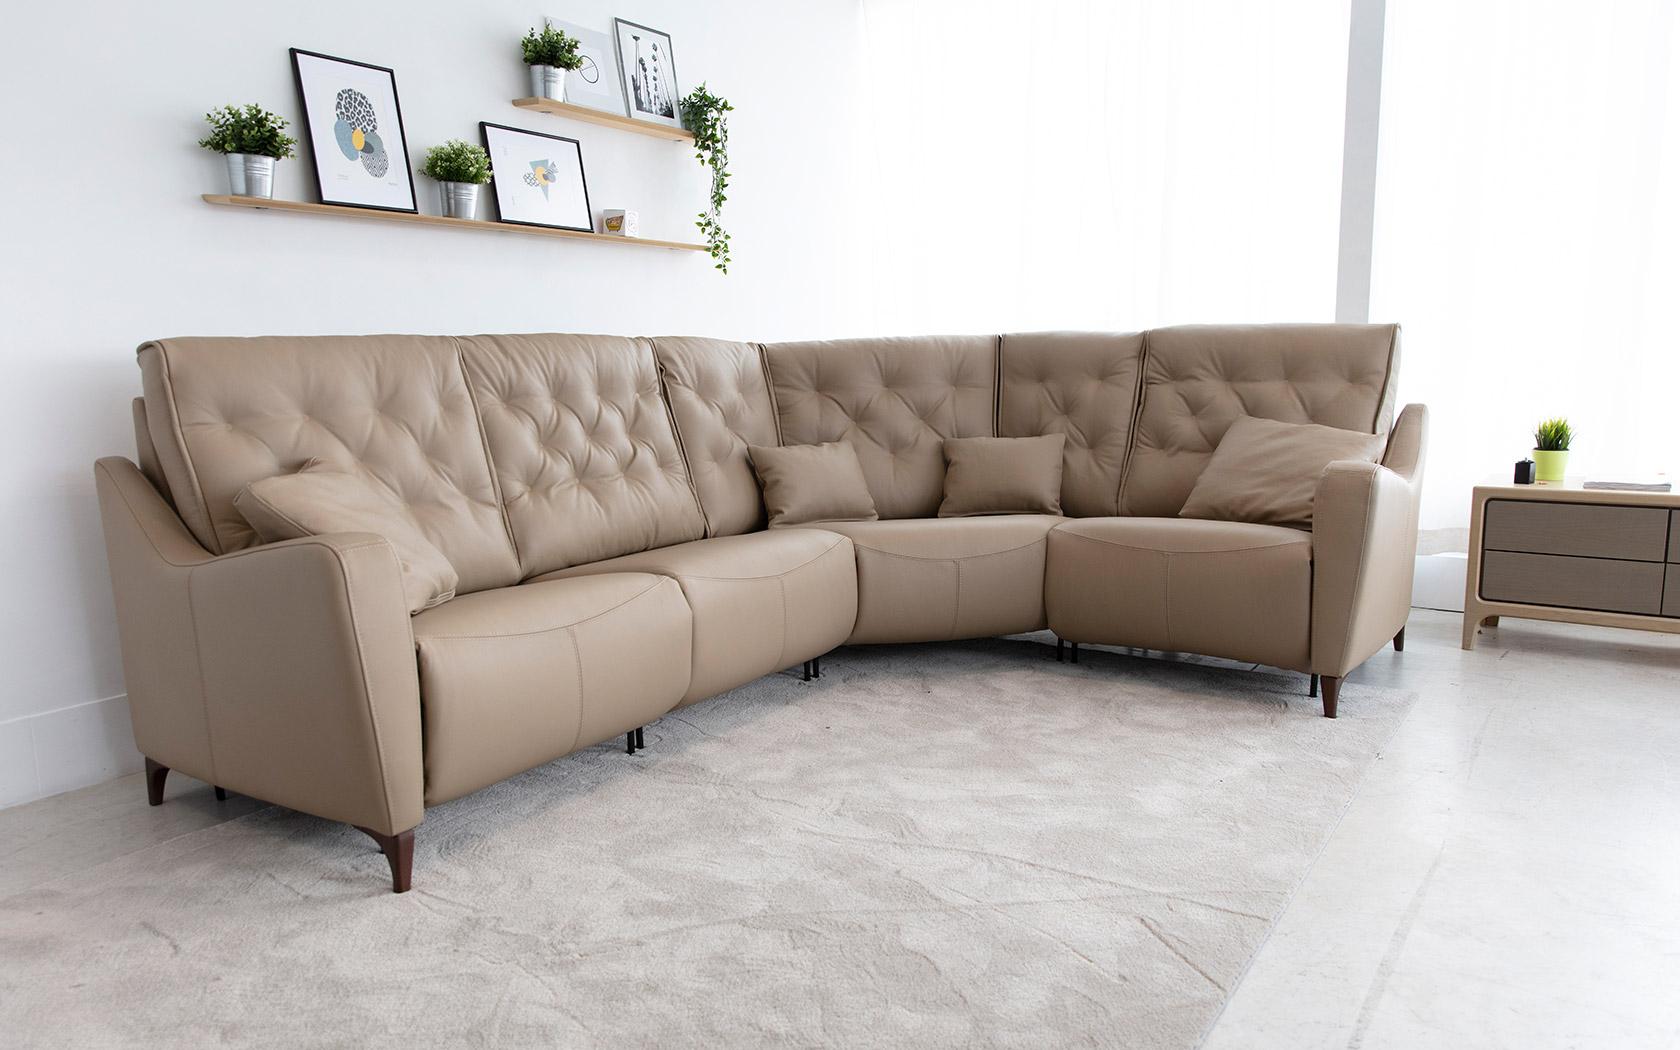 avalon sofa 2021 baja 09